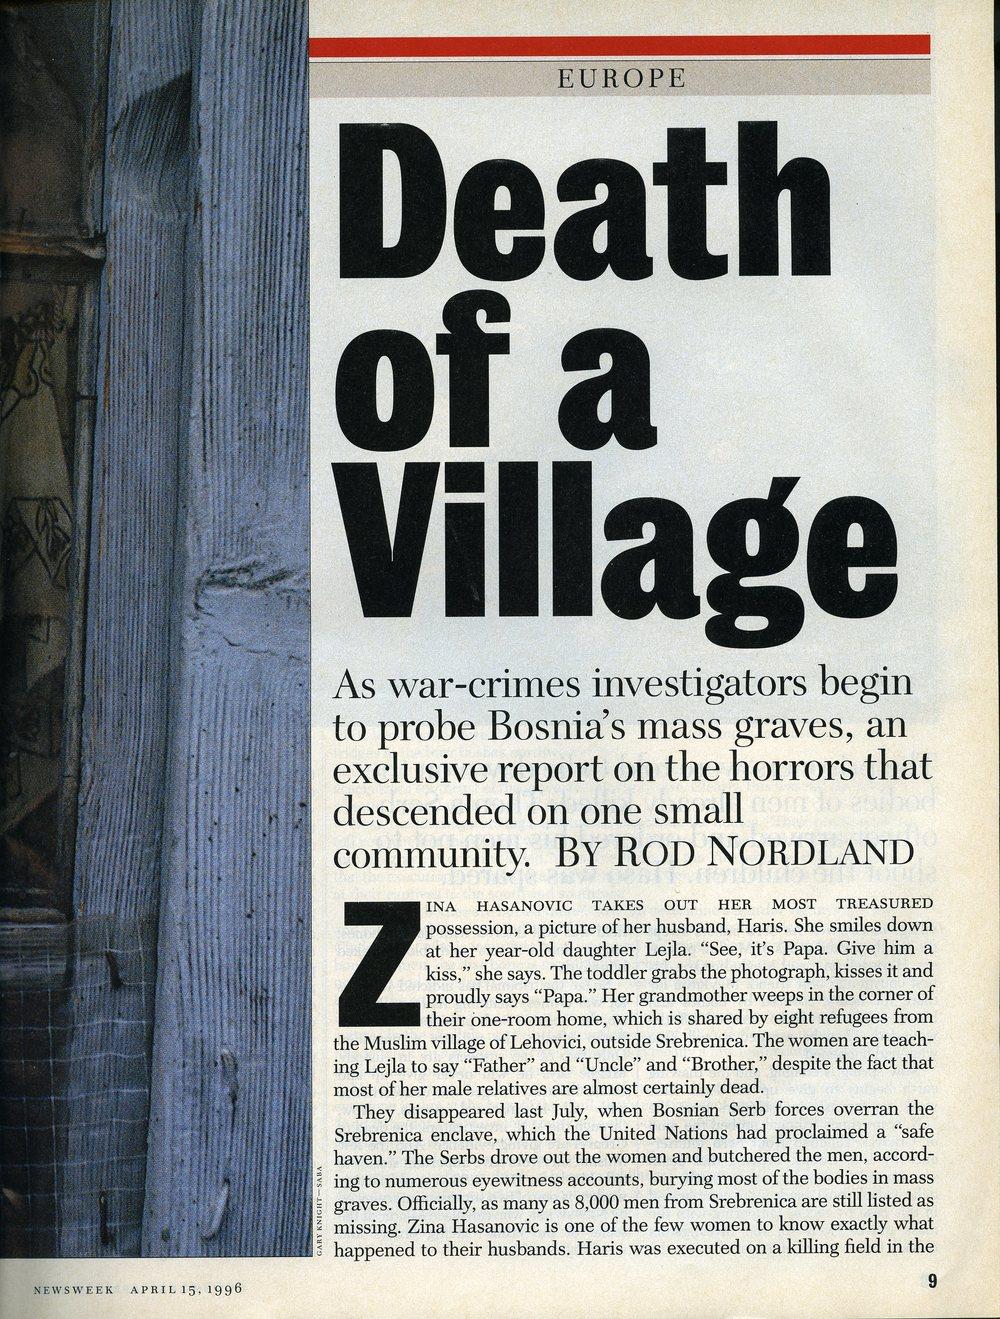 04151996_NEWSWEEK_BOSNIA_2.jpg